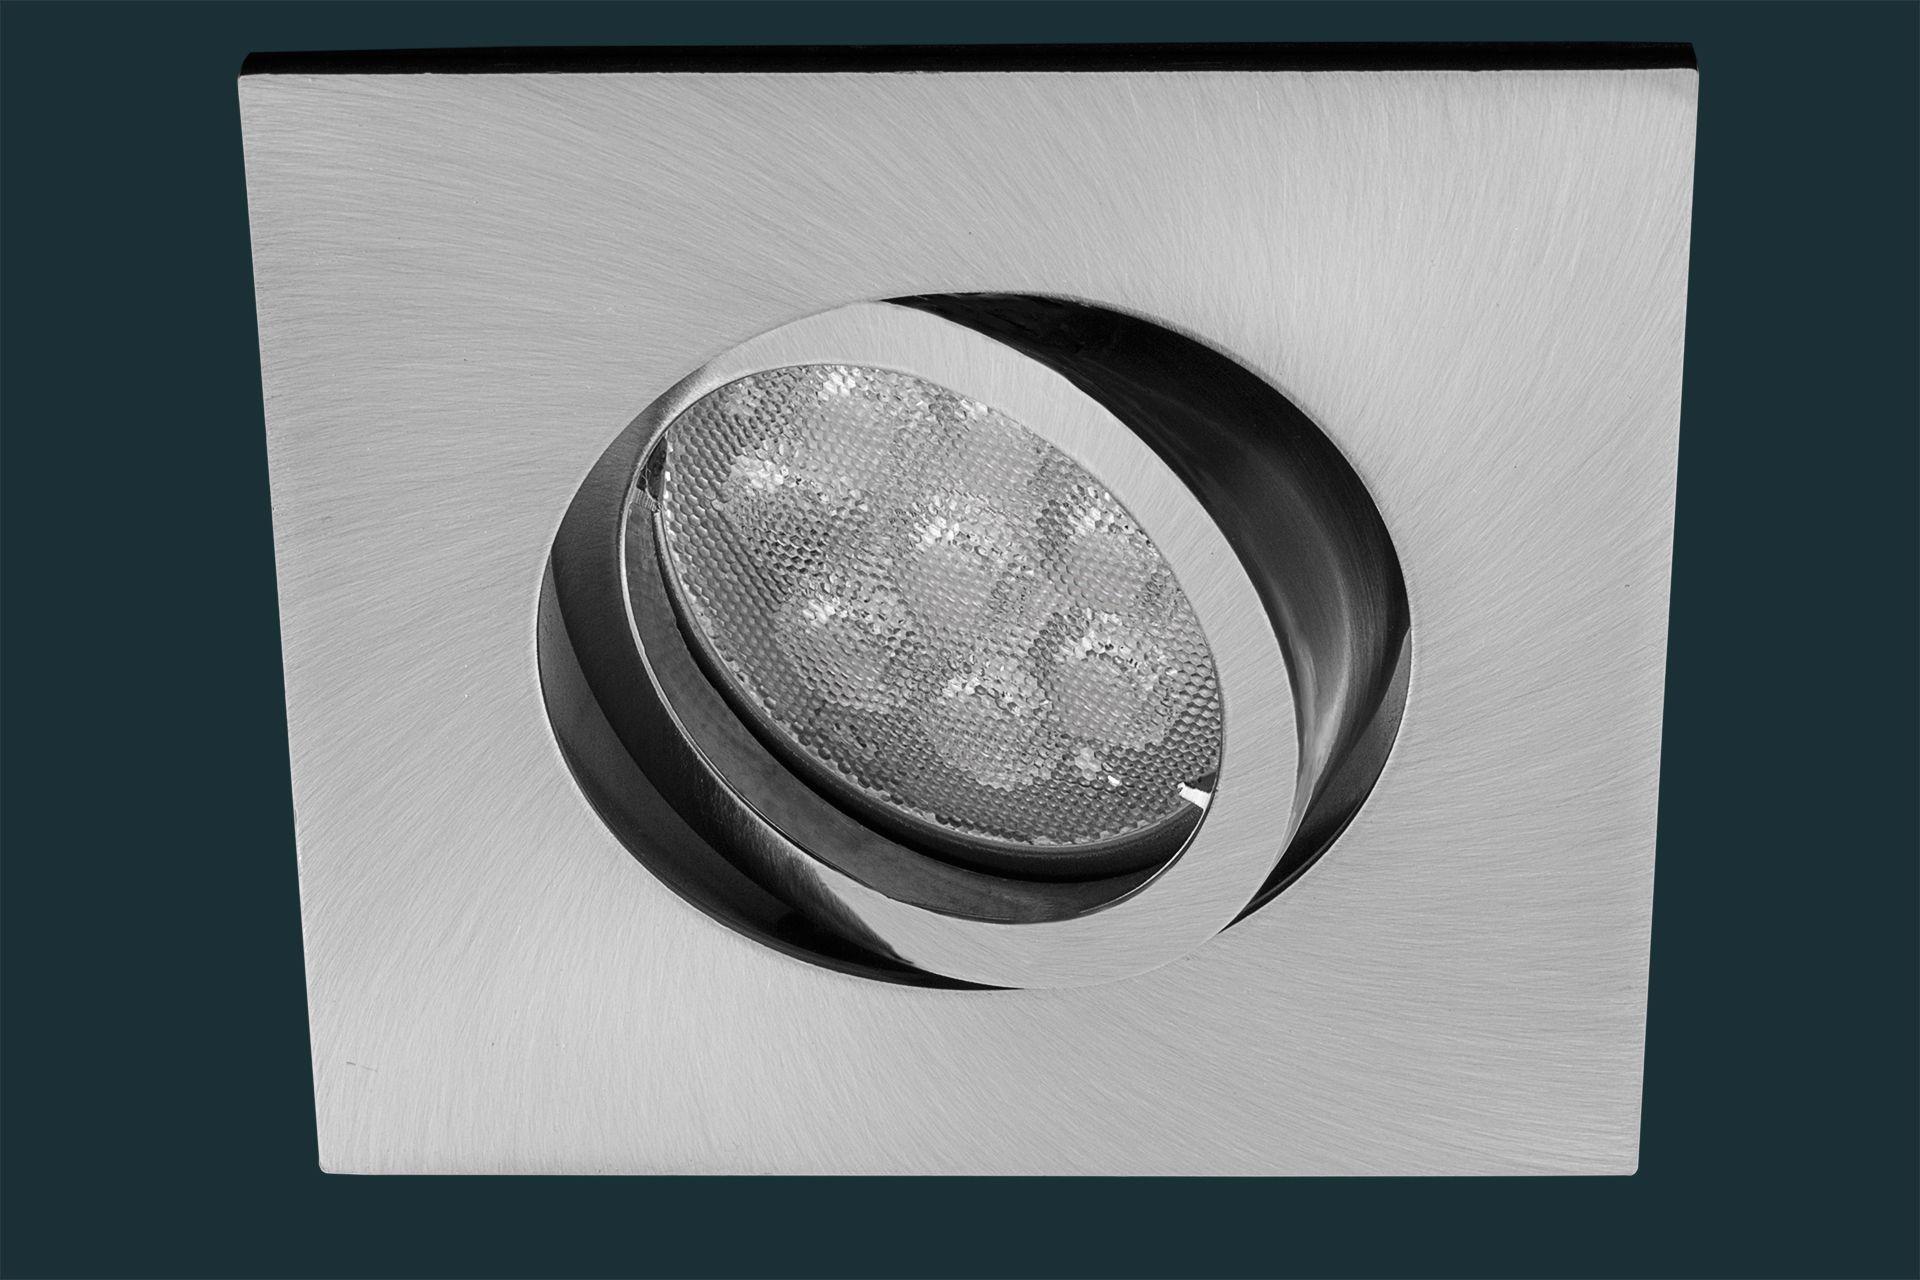 Pin von ARTLIGHT auf LED Einbaustrahler   Pinterest